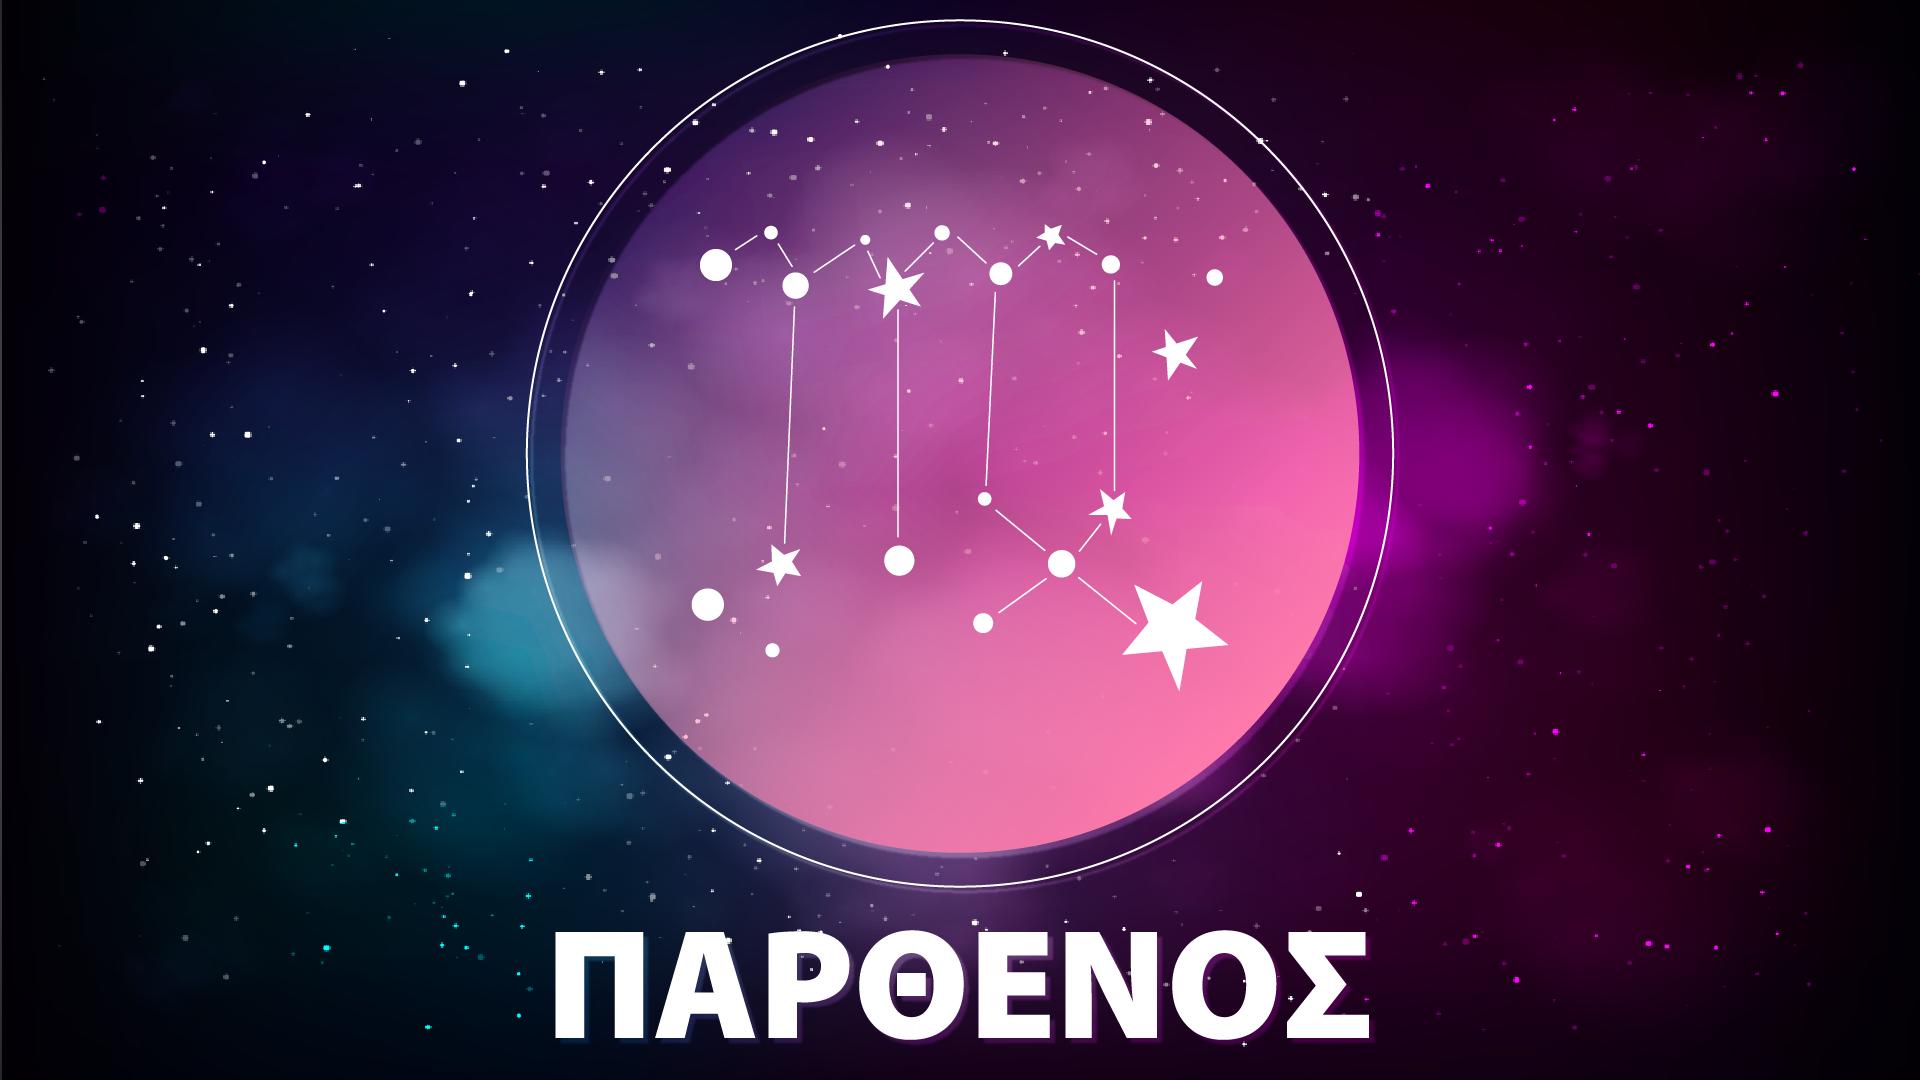 ΠΑΡΘΕΝΟΣ – Εβδομαδιαίες αστρολογικές προβλέψεις από 17/6 έως και 23/6/2019